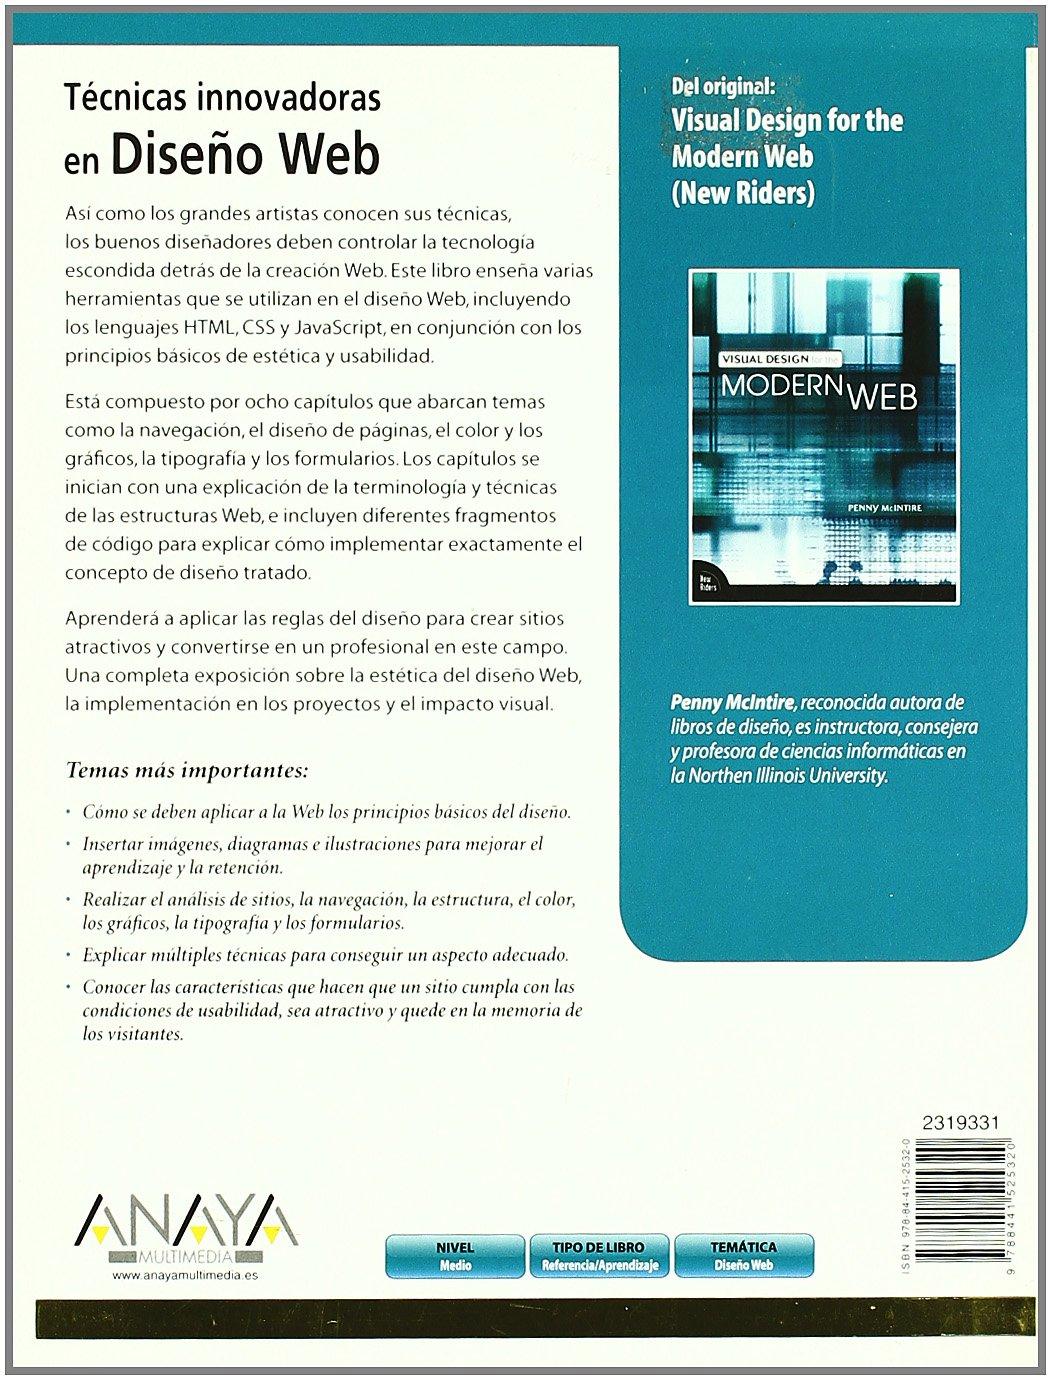 Técnicas innovadoras en Diseño Web Diseño Y Creatividad: Amazon.es: Penny McIntire: Libros